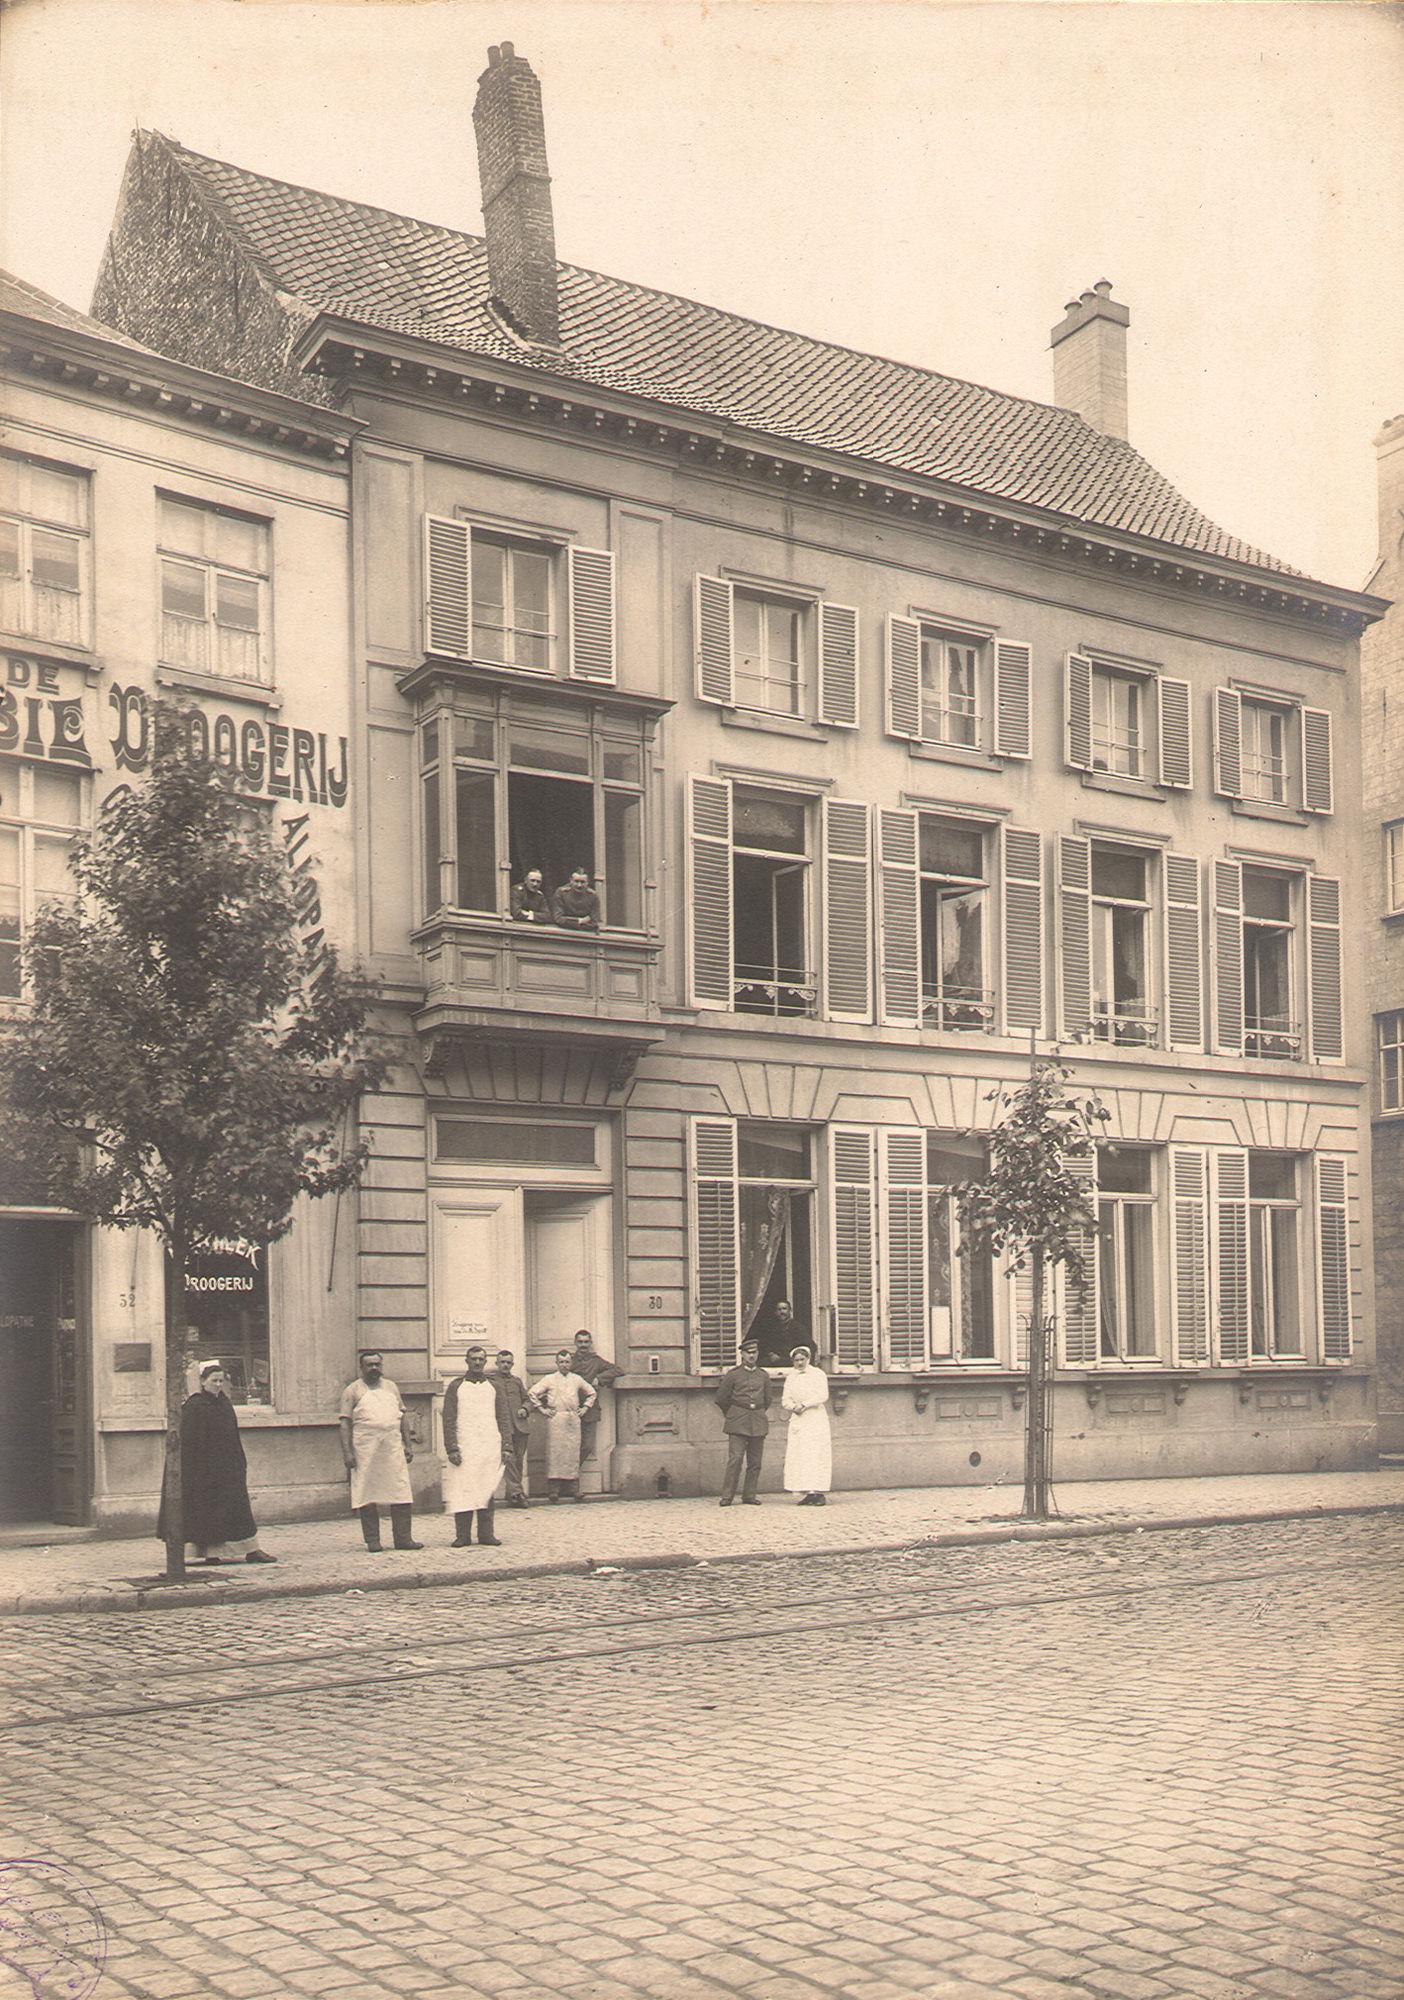 Verpleeginstelling van de Duitse bezetter in 1916